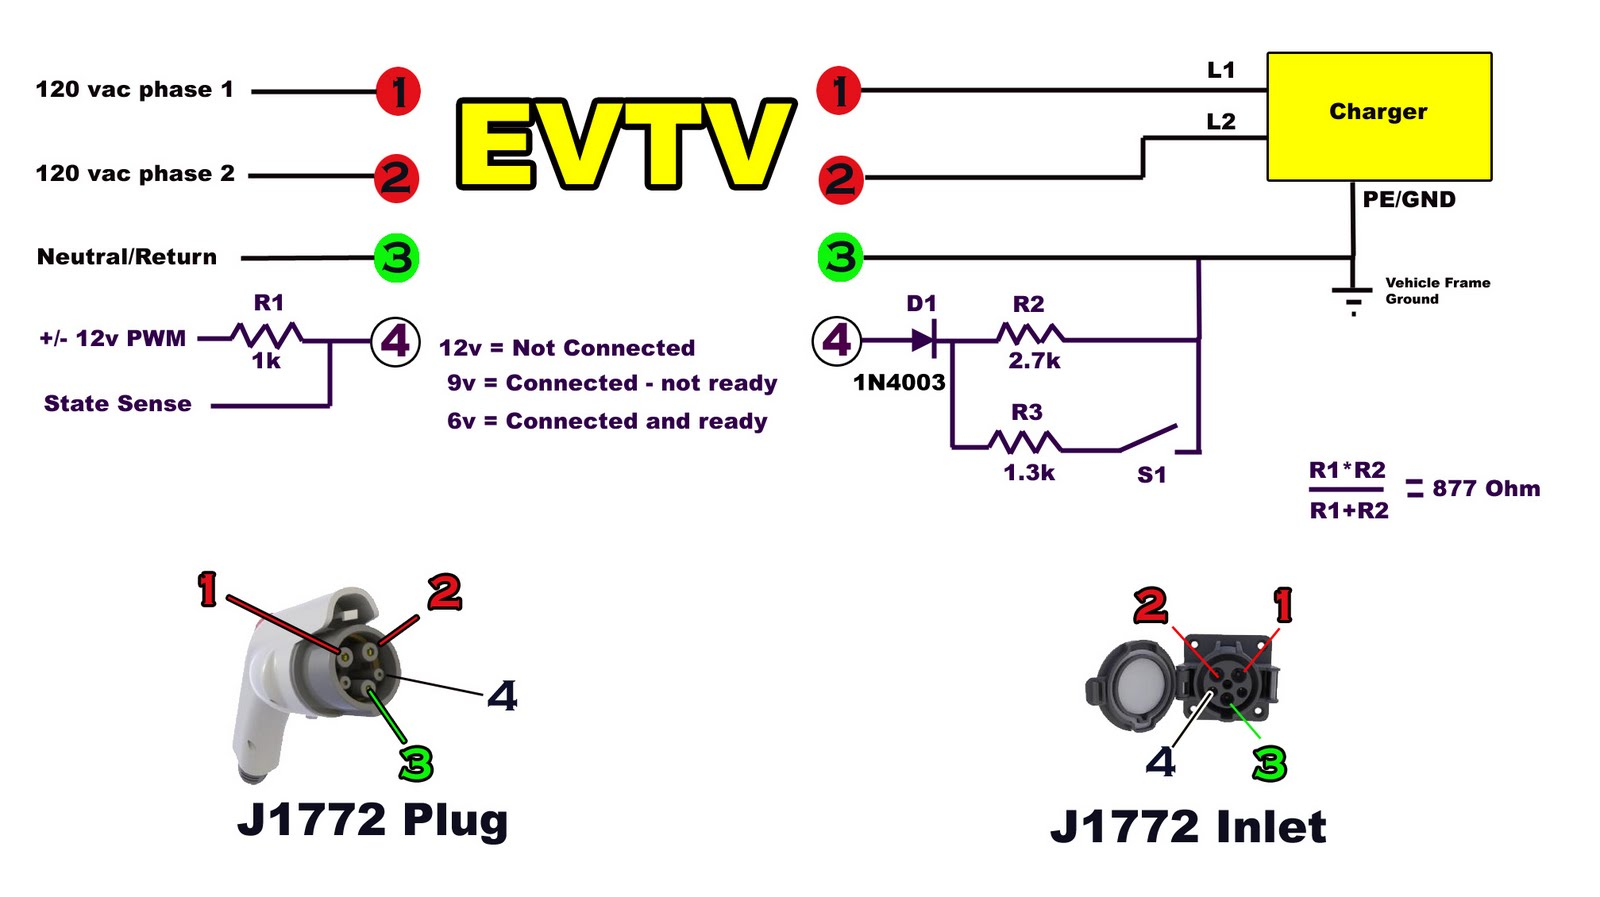 heidenhain encoder rod 431 wiring diagram 1987 mazda b2000 radio iec connector bnc